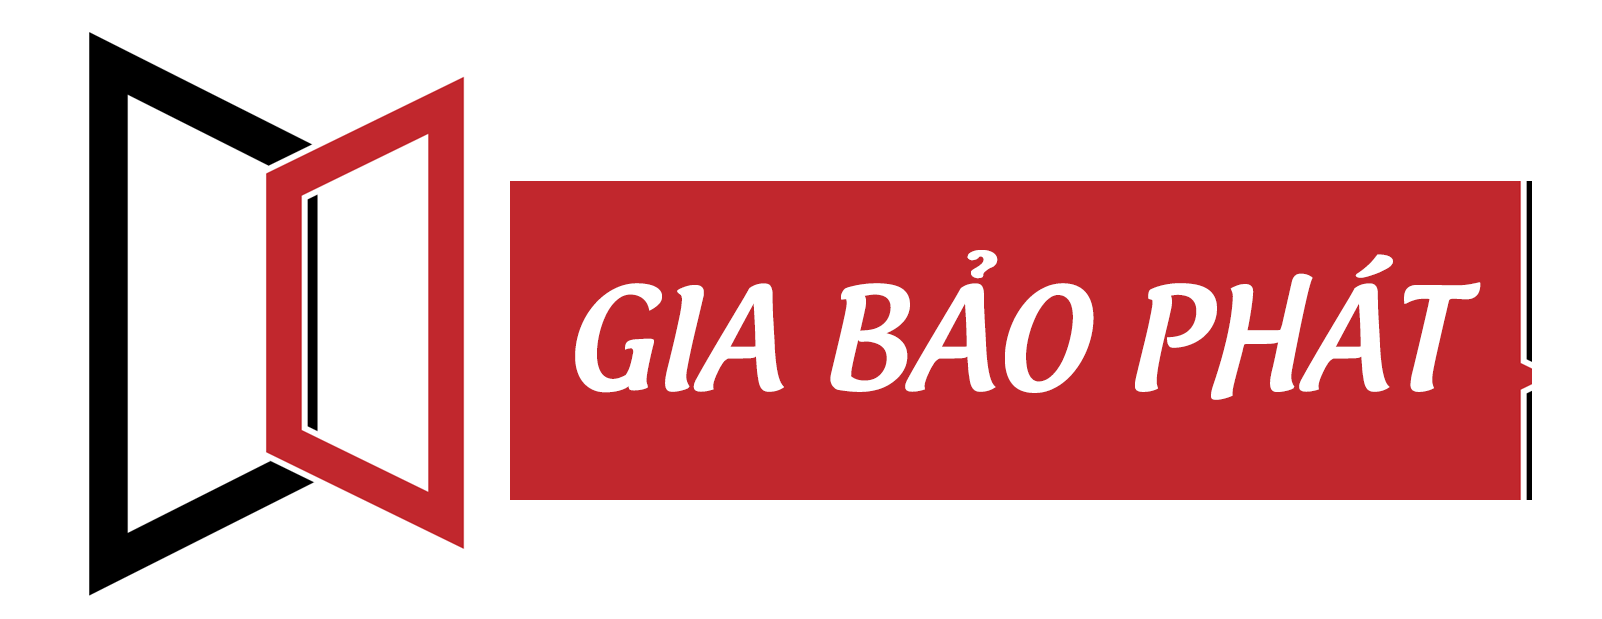 SHOWROOM GIA BẢO PHÁT